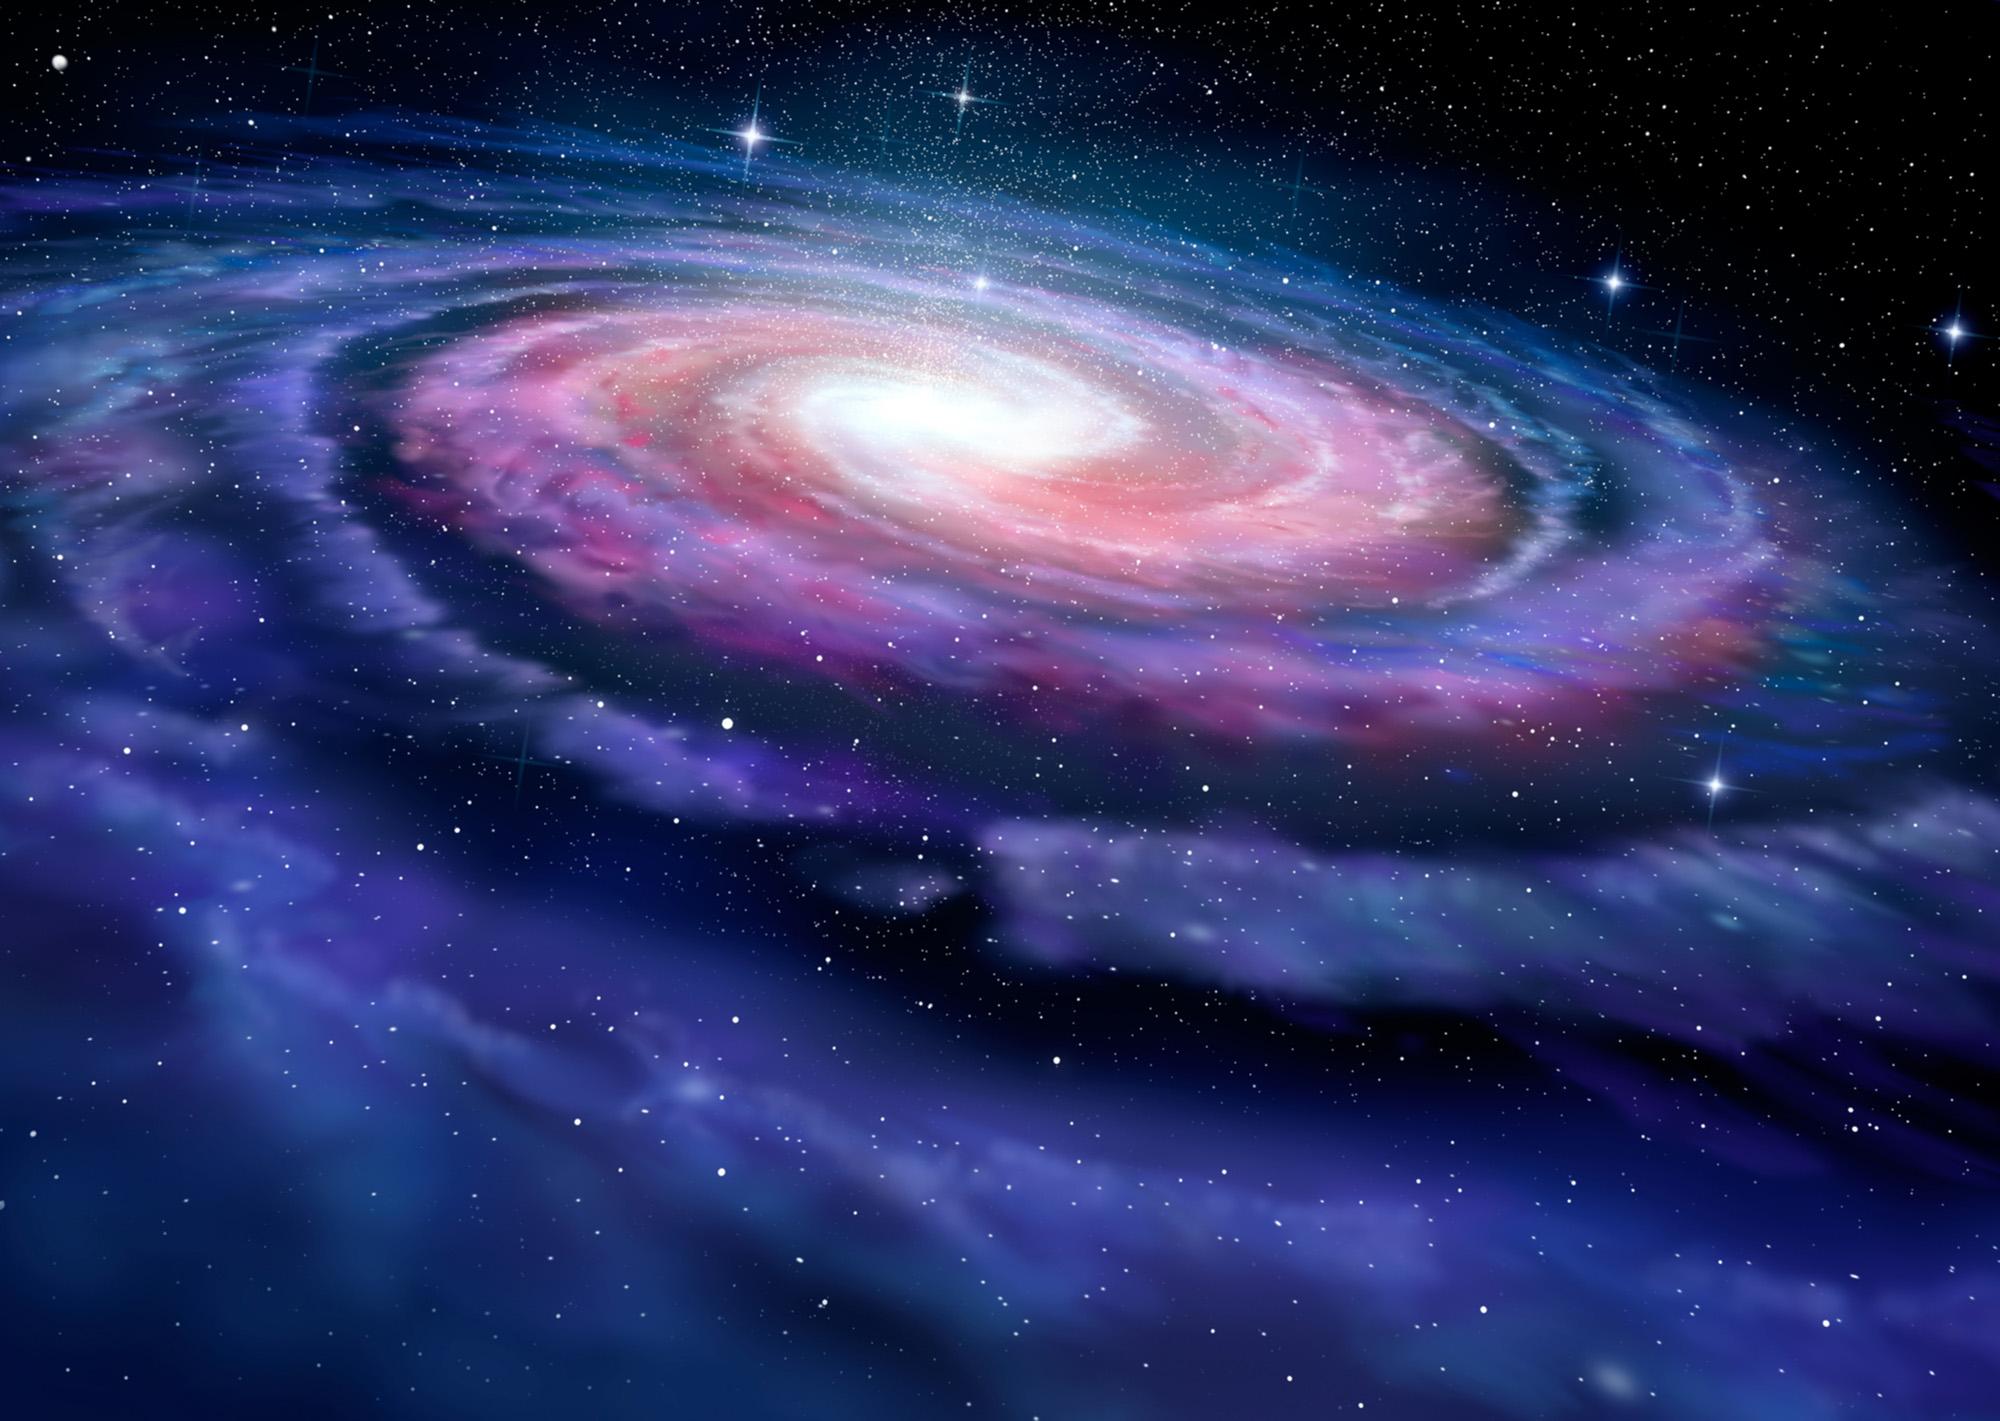 مجرة حلزونية